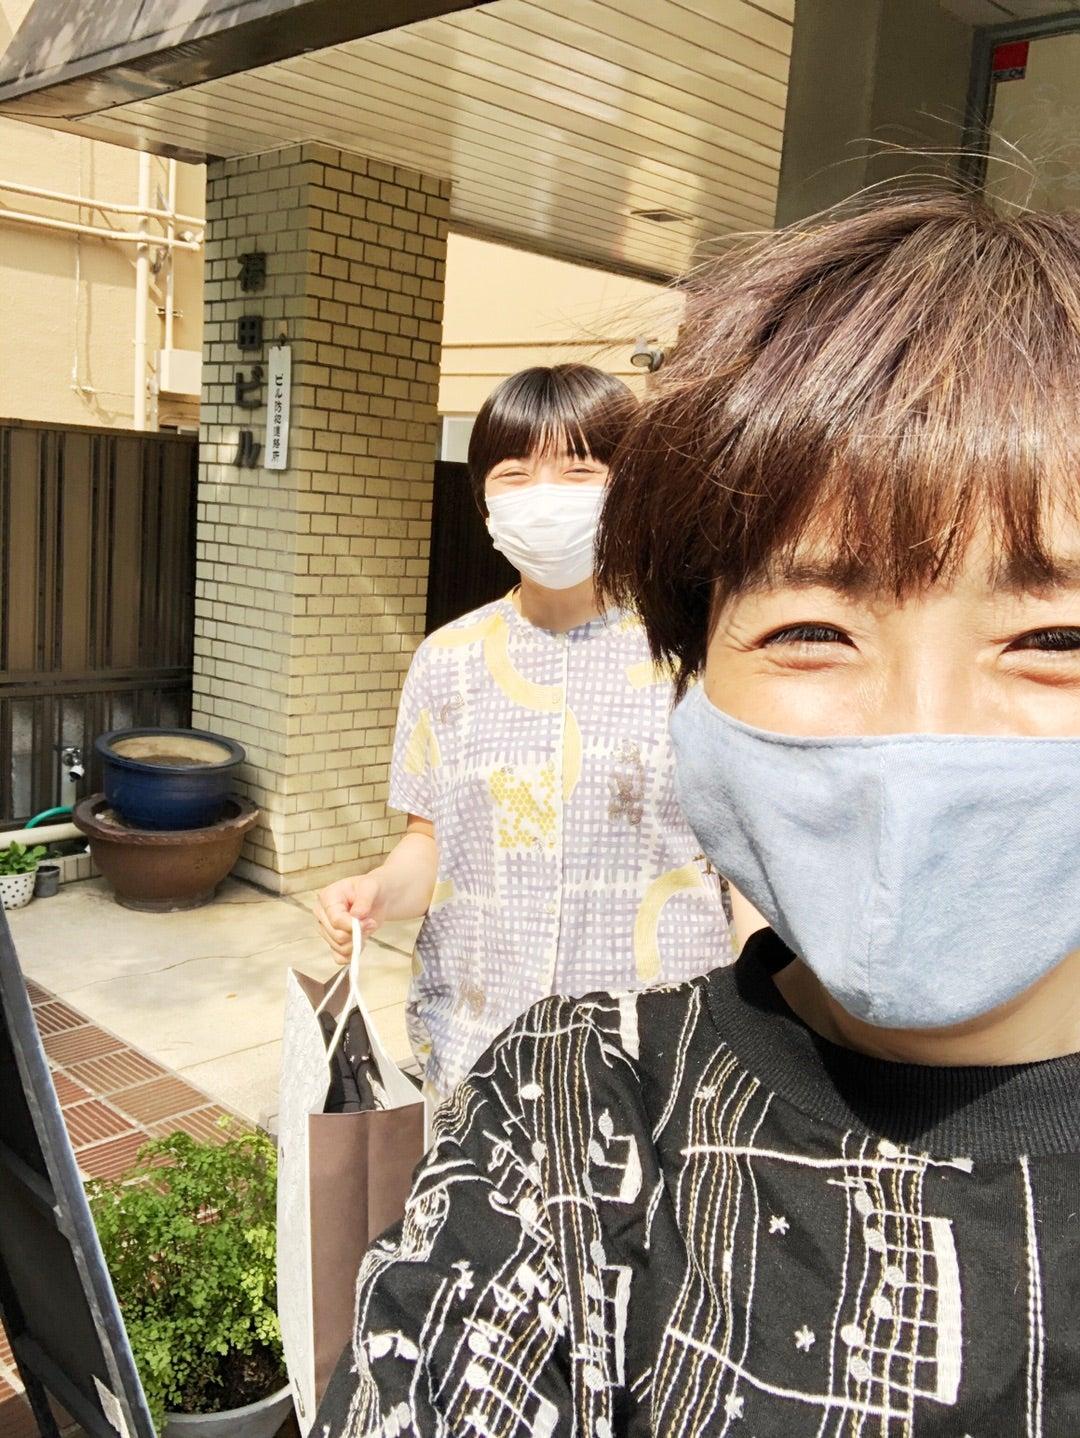 ラジオリモート収録   藤田朋子オフィシャルブログ「笑顔の種